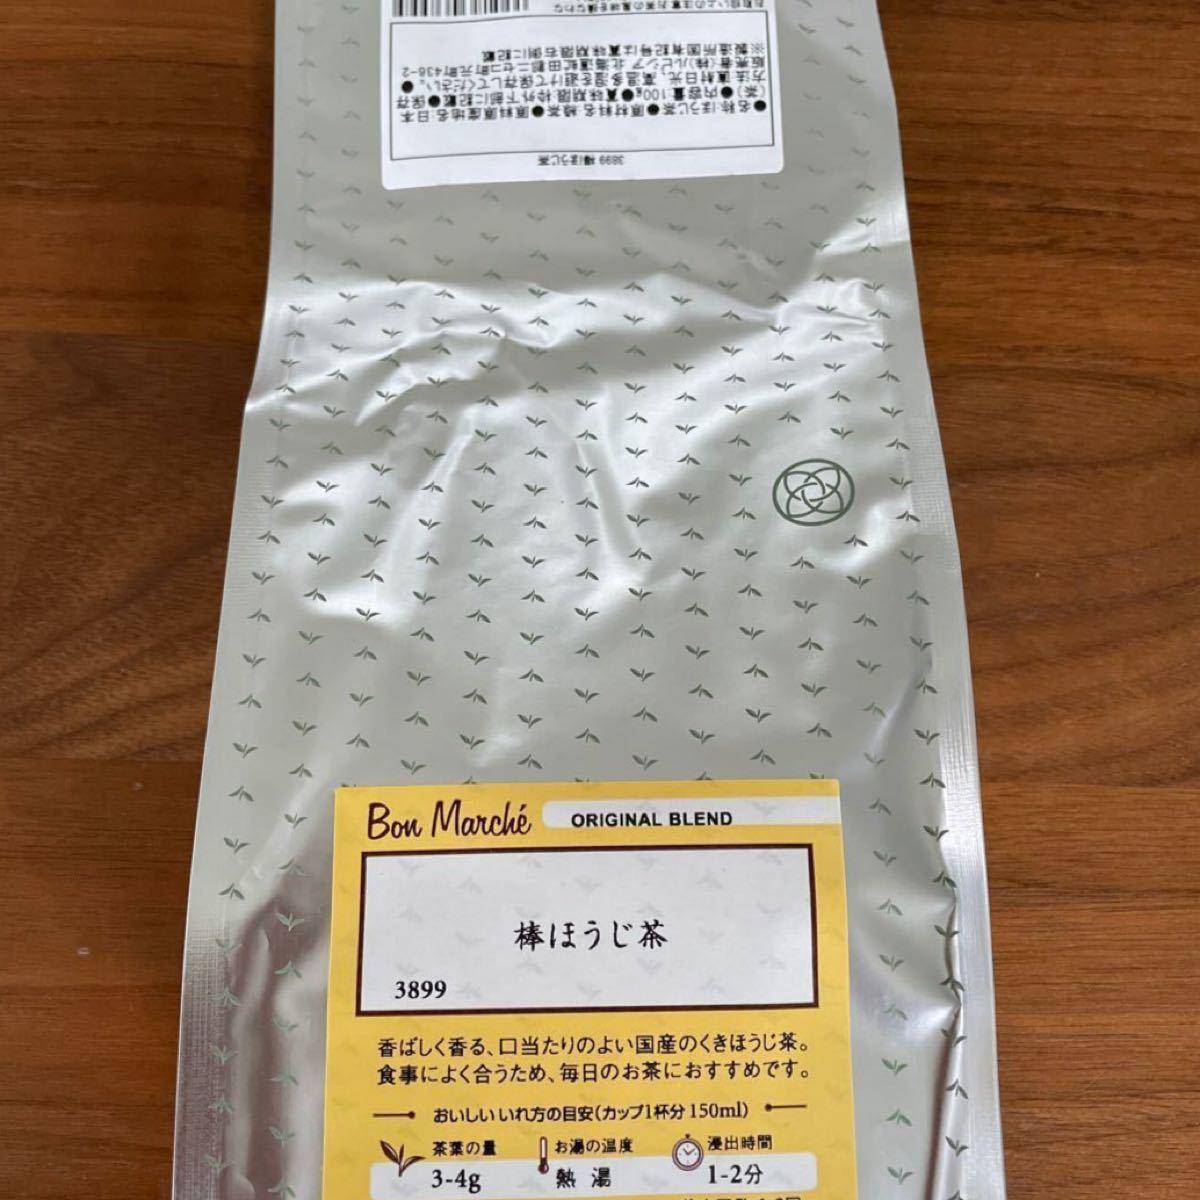 ルピシア LUPICIA リーフ ほうじ茶 ルイボス 煎茶 烏龍 ディカフェ